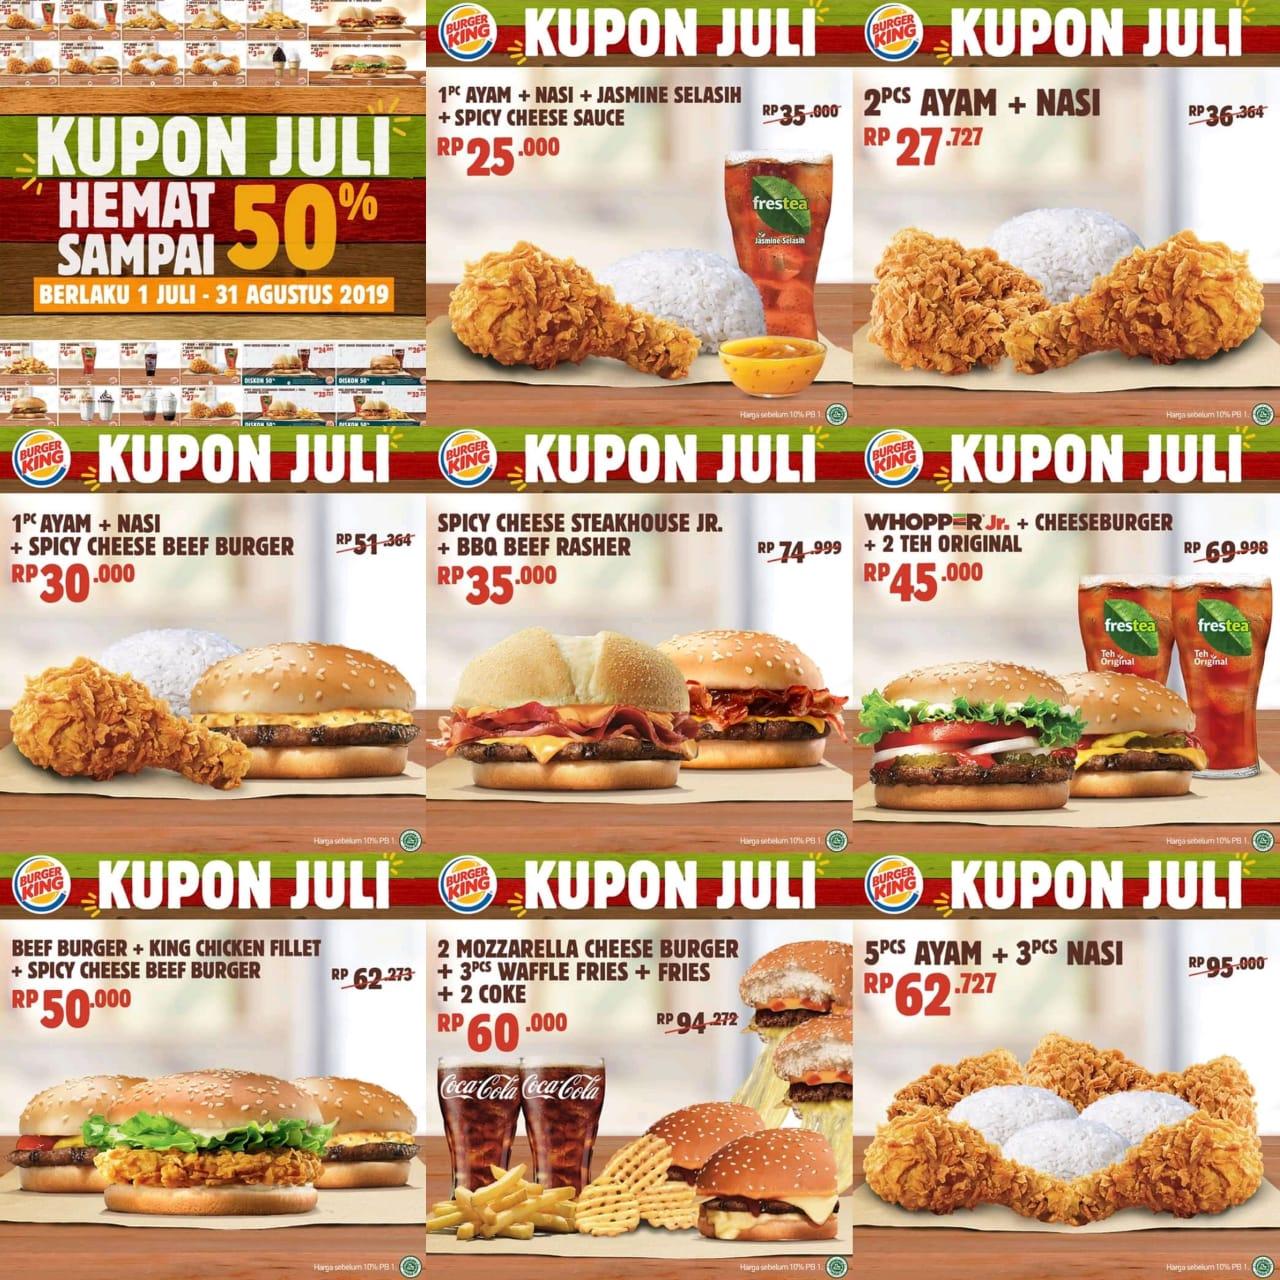 Kupon Promo Burger King